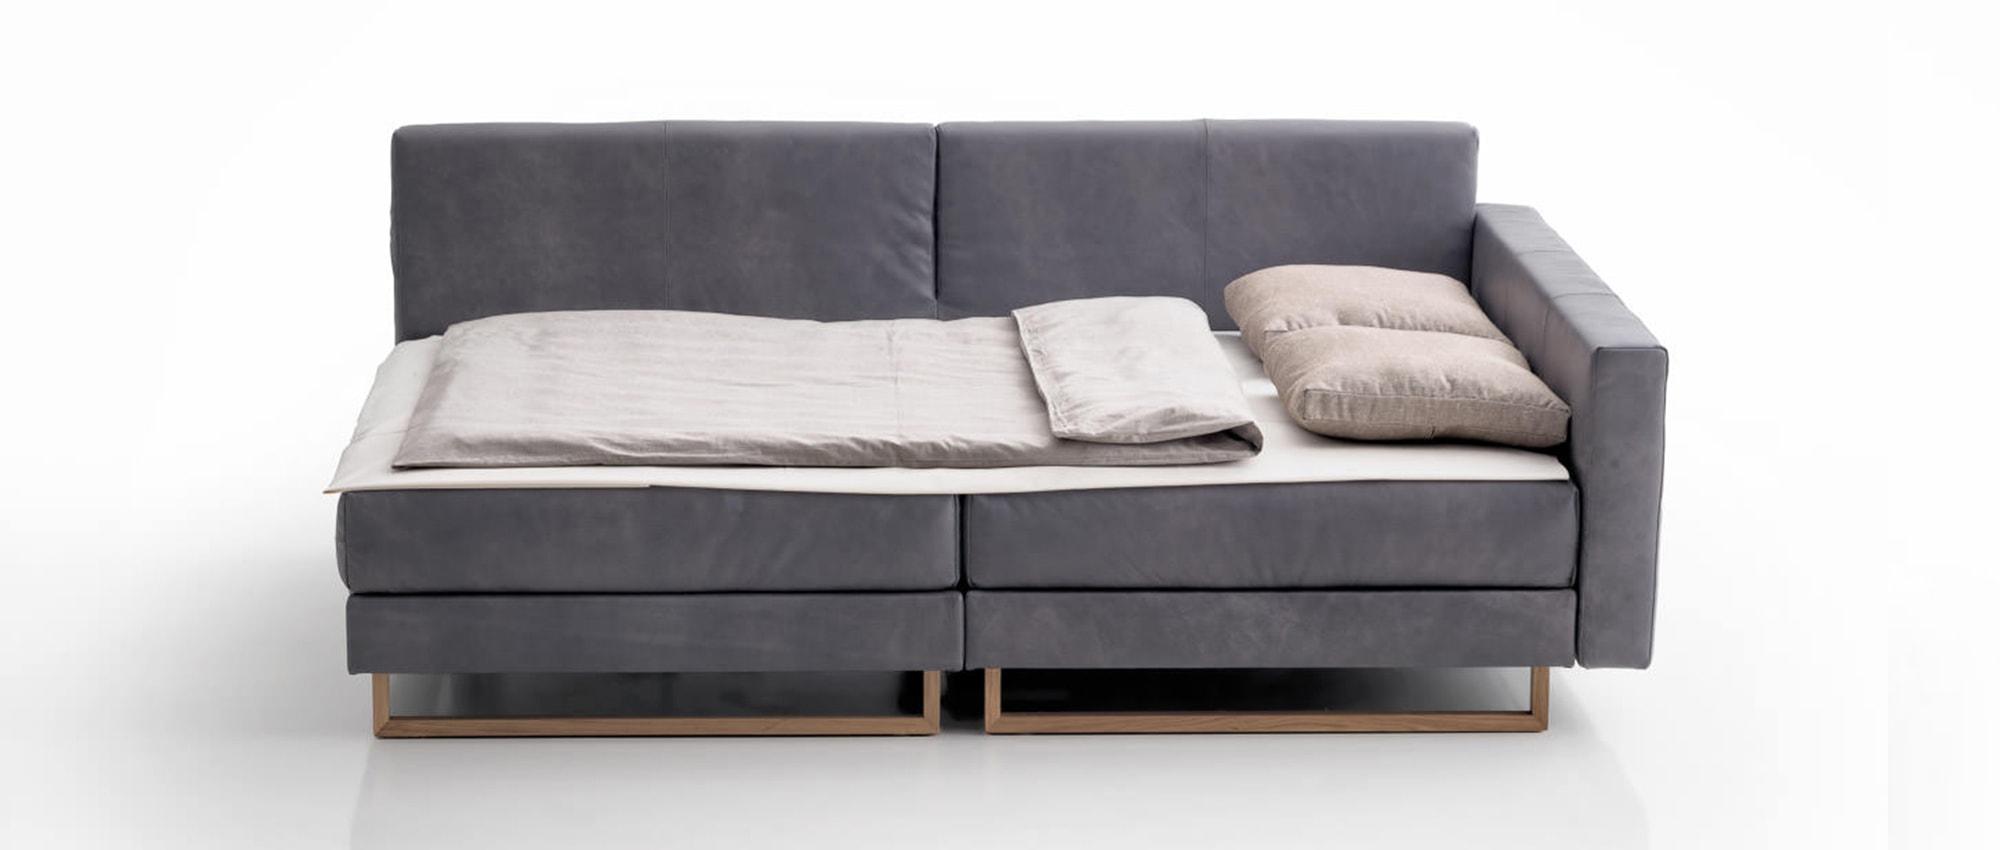 CORALI Eckschlafsofa von Franz Fertig - Liegefläche ca. 150x200 cm. Ecksofa mit Bettfunktion. Holzkufen. Holzfüße.